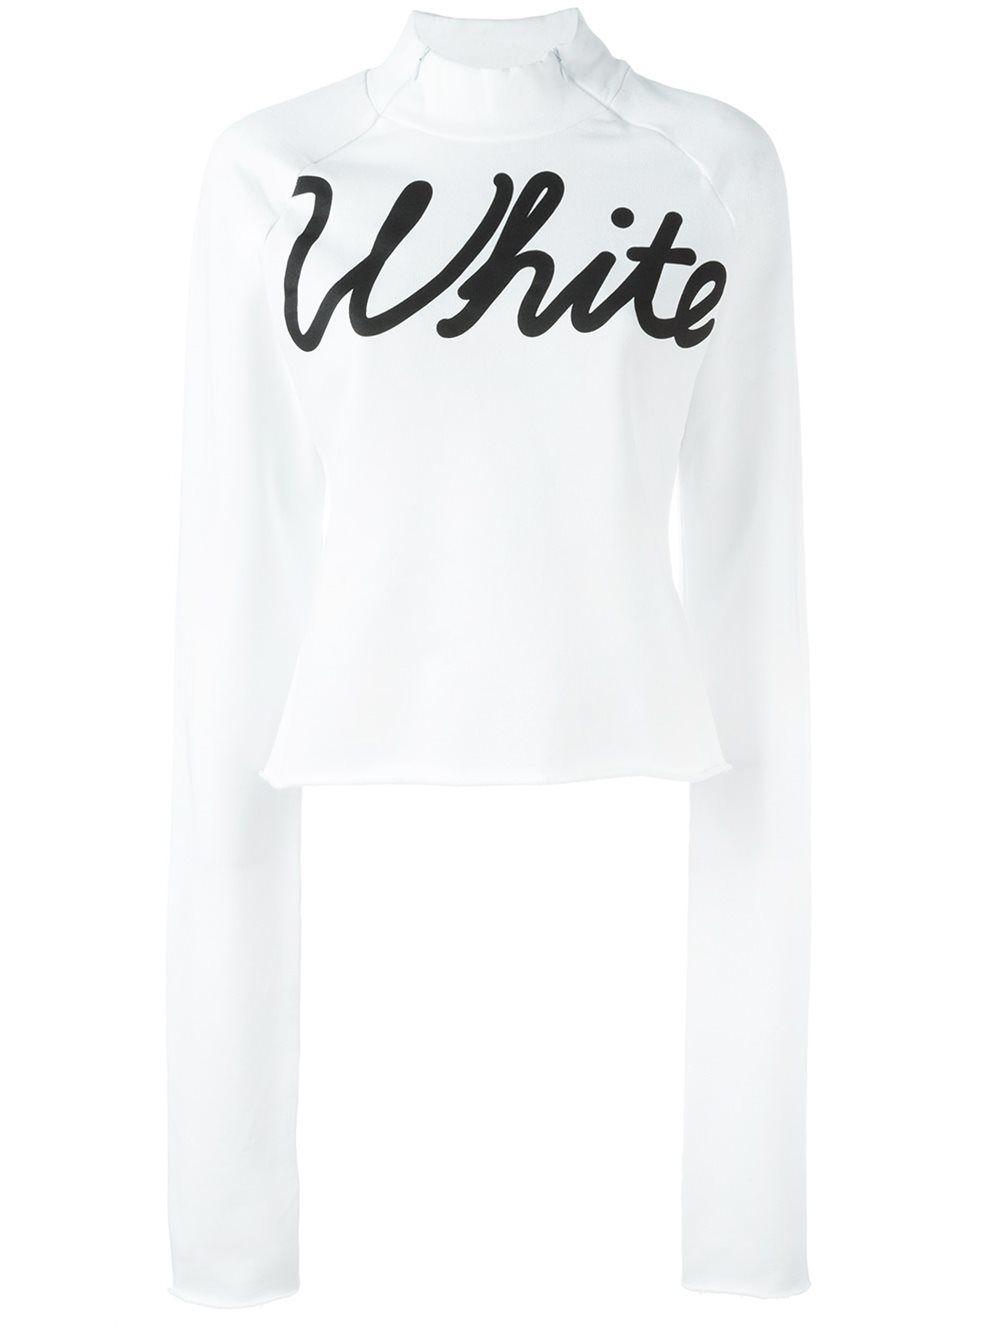 Off-White 로고 프린트 스웨트셔츠